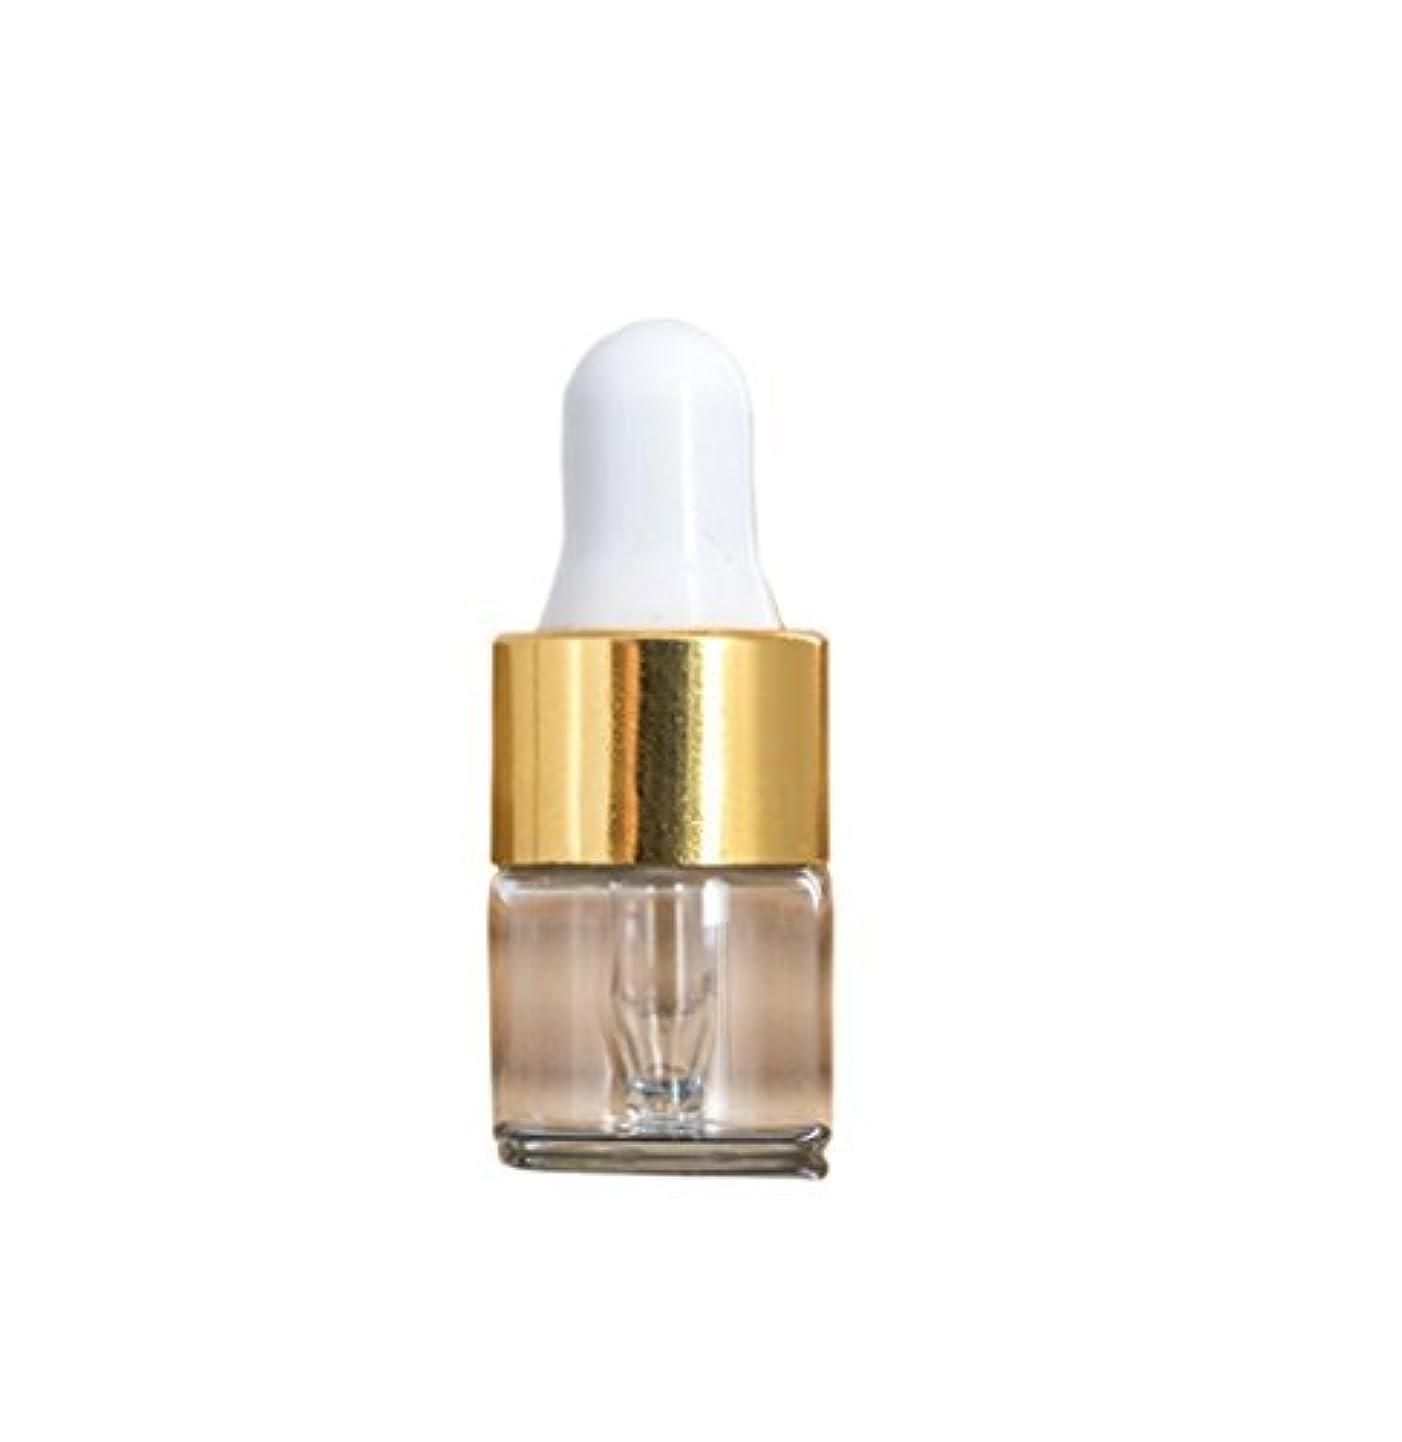 装置ひらめきトライアスリートClear Glass Mini 1ml 15 Pcs Refillable Essential Oil Dropper Bottles Containers Cosmetic Sample Bottles Aromatherapy...